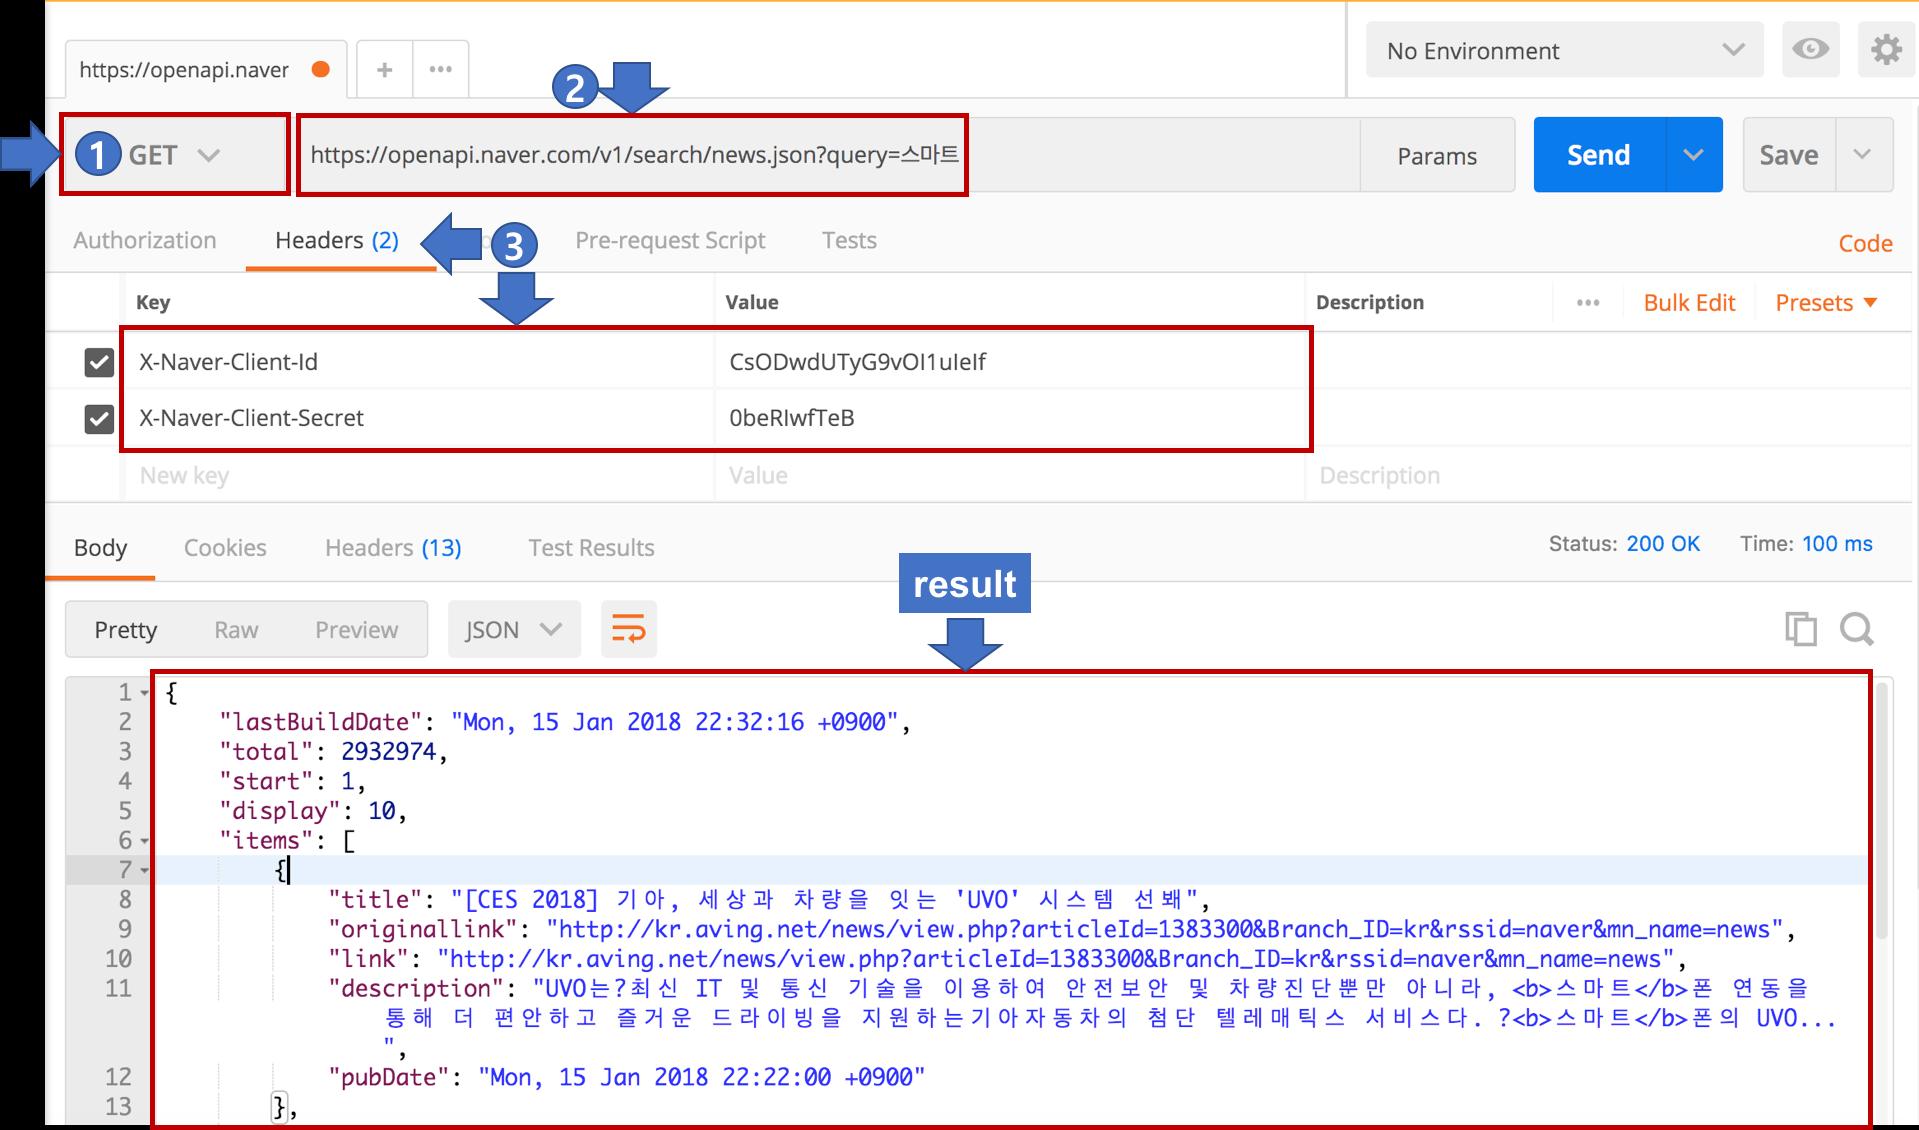 웹크롤링 기본: Open API(Rest API)를 활용한 크롤링 - 잔재미코딩